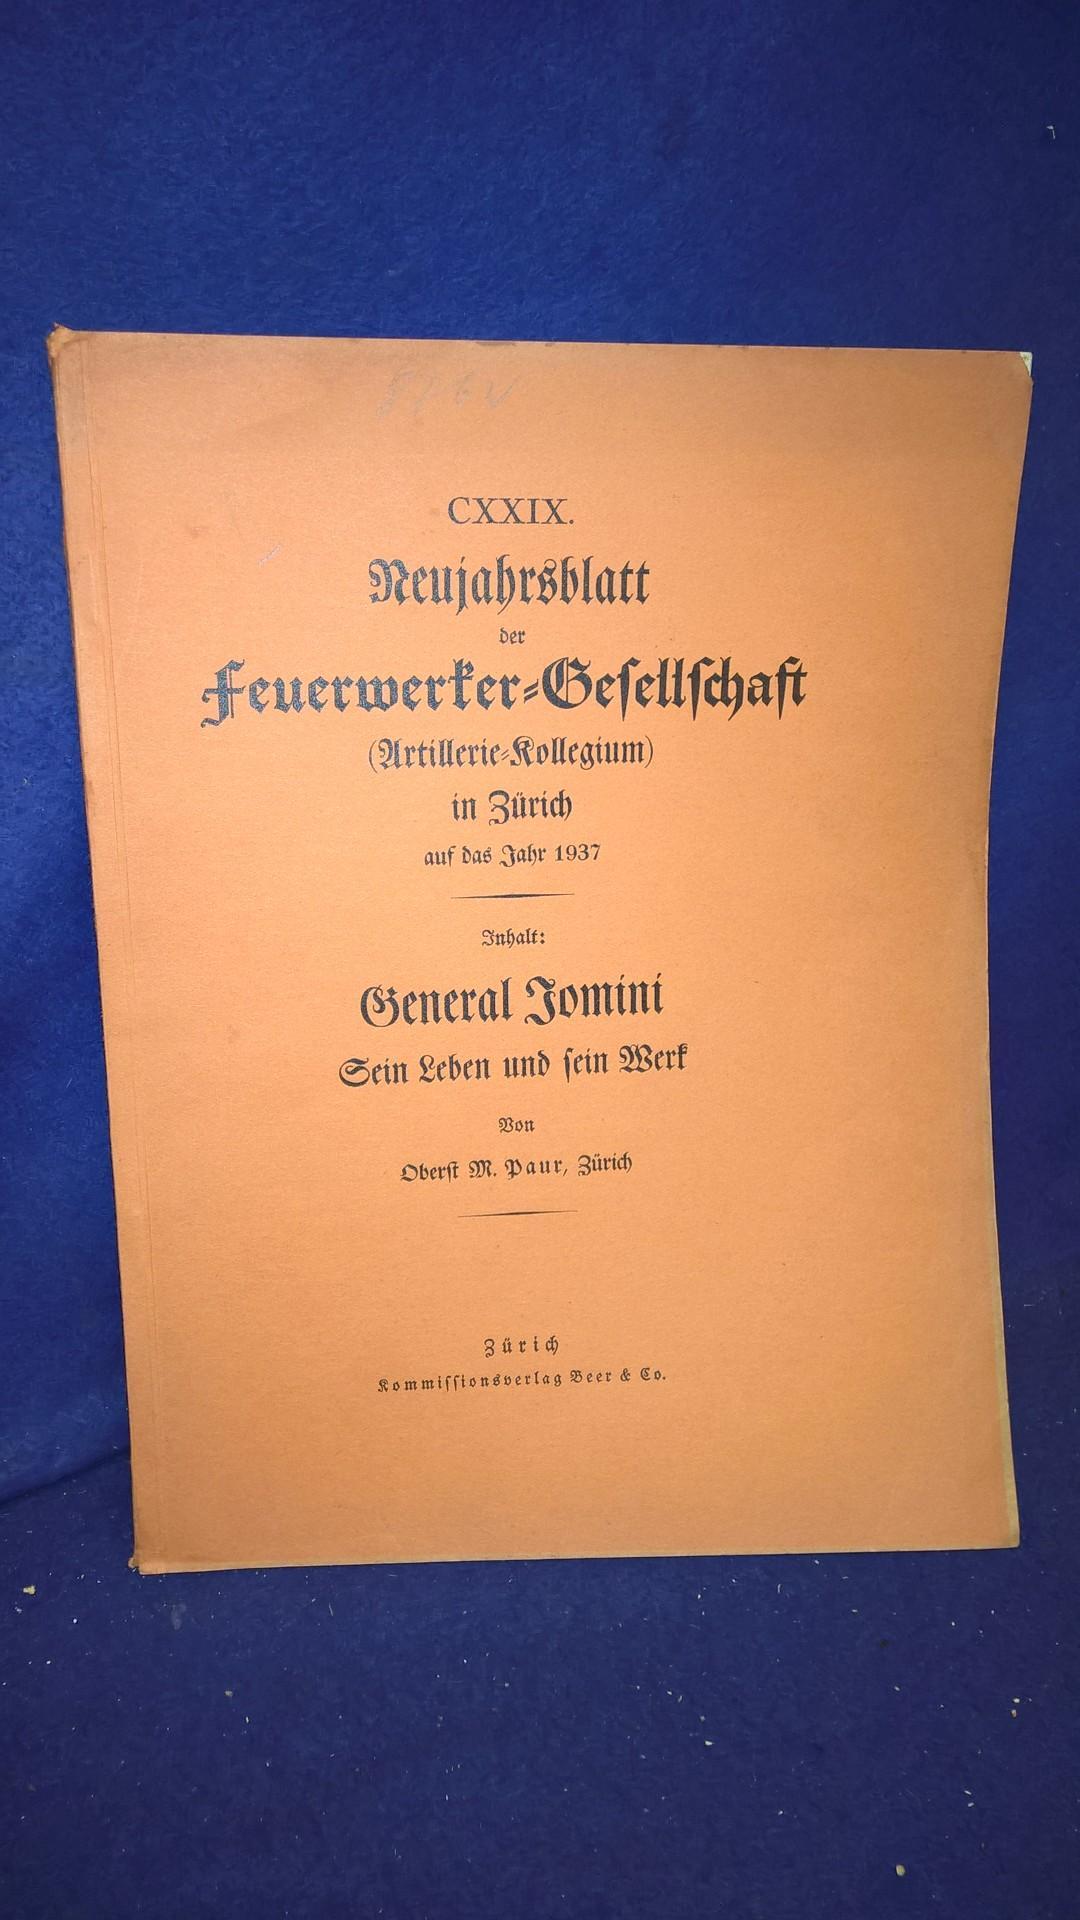 General Jomini. Sein Leben und sein Werk. Aus der Reihe: Neujahrsblatt der Feuerwerker-Gesellschaft ( Artillerie-Kollegium ) in Zürich auf das Jahr 1937.